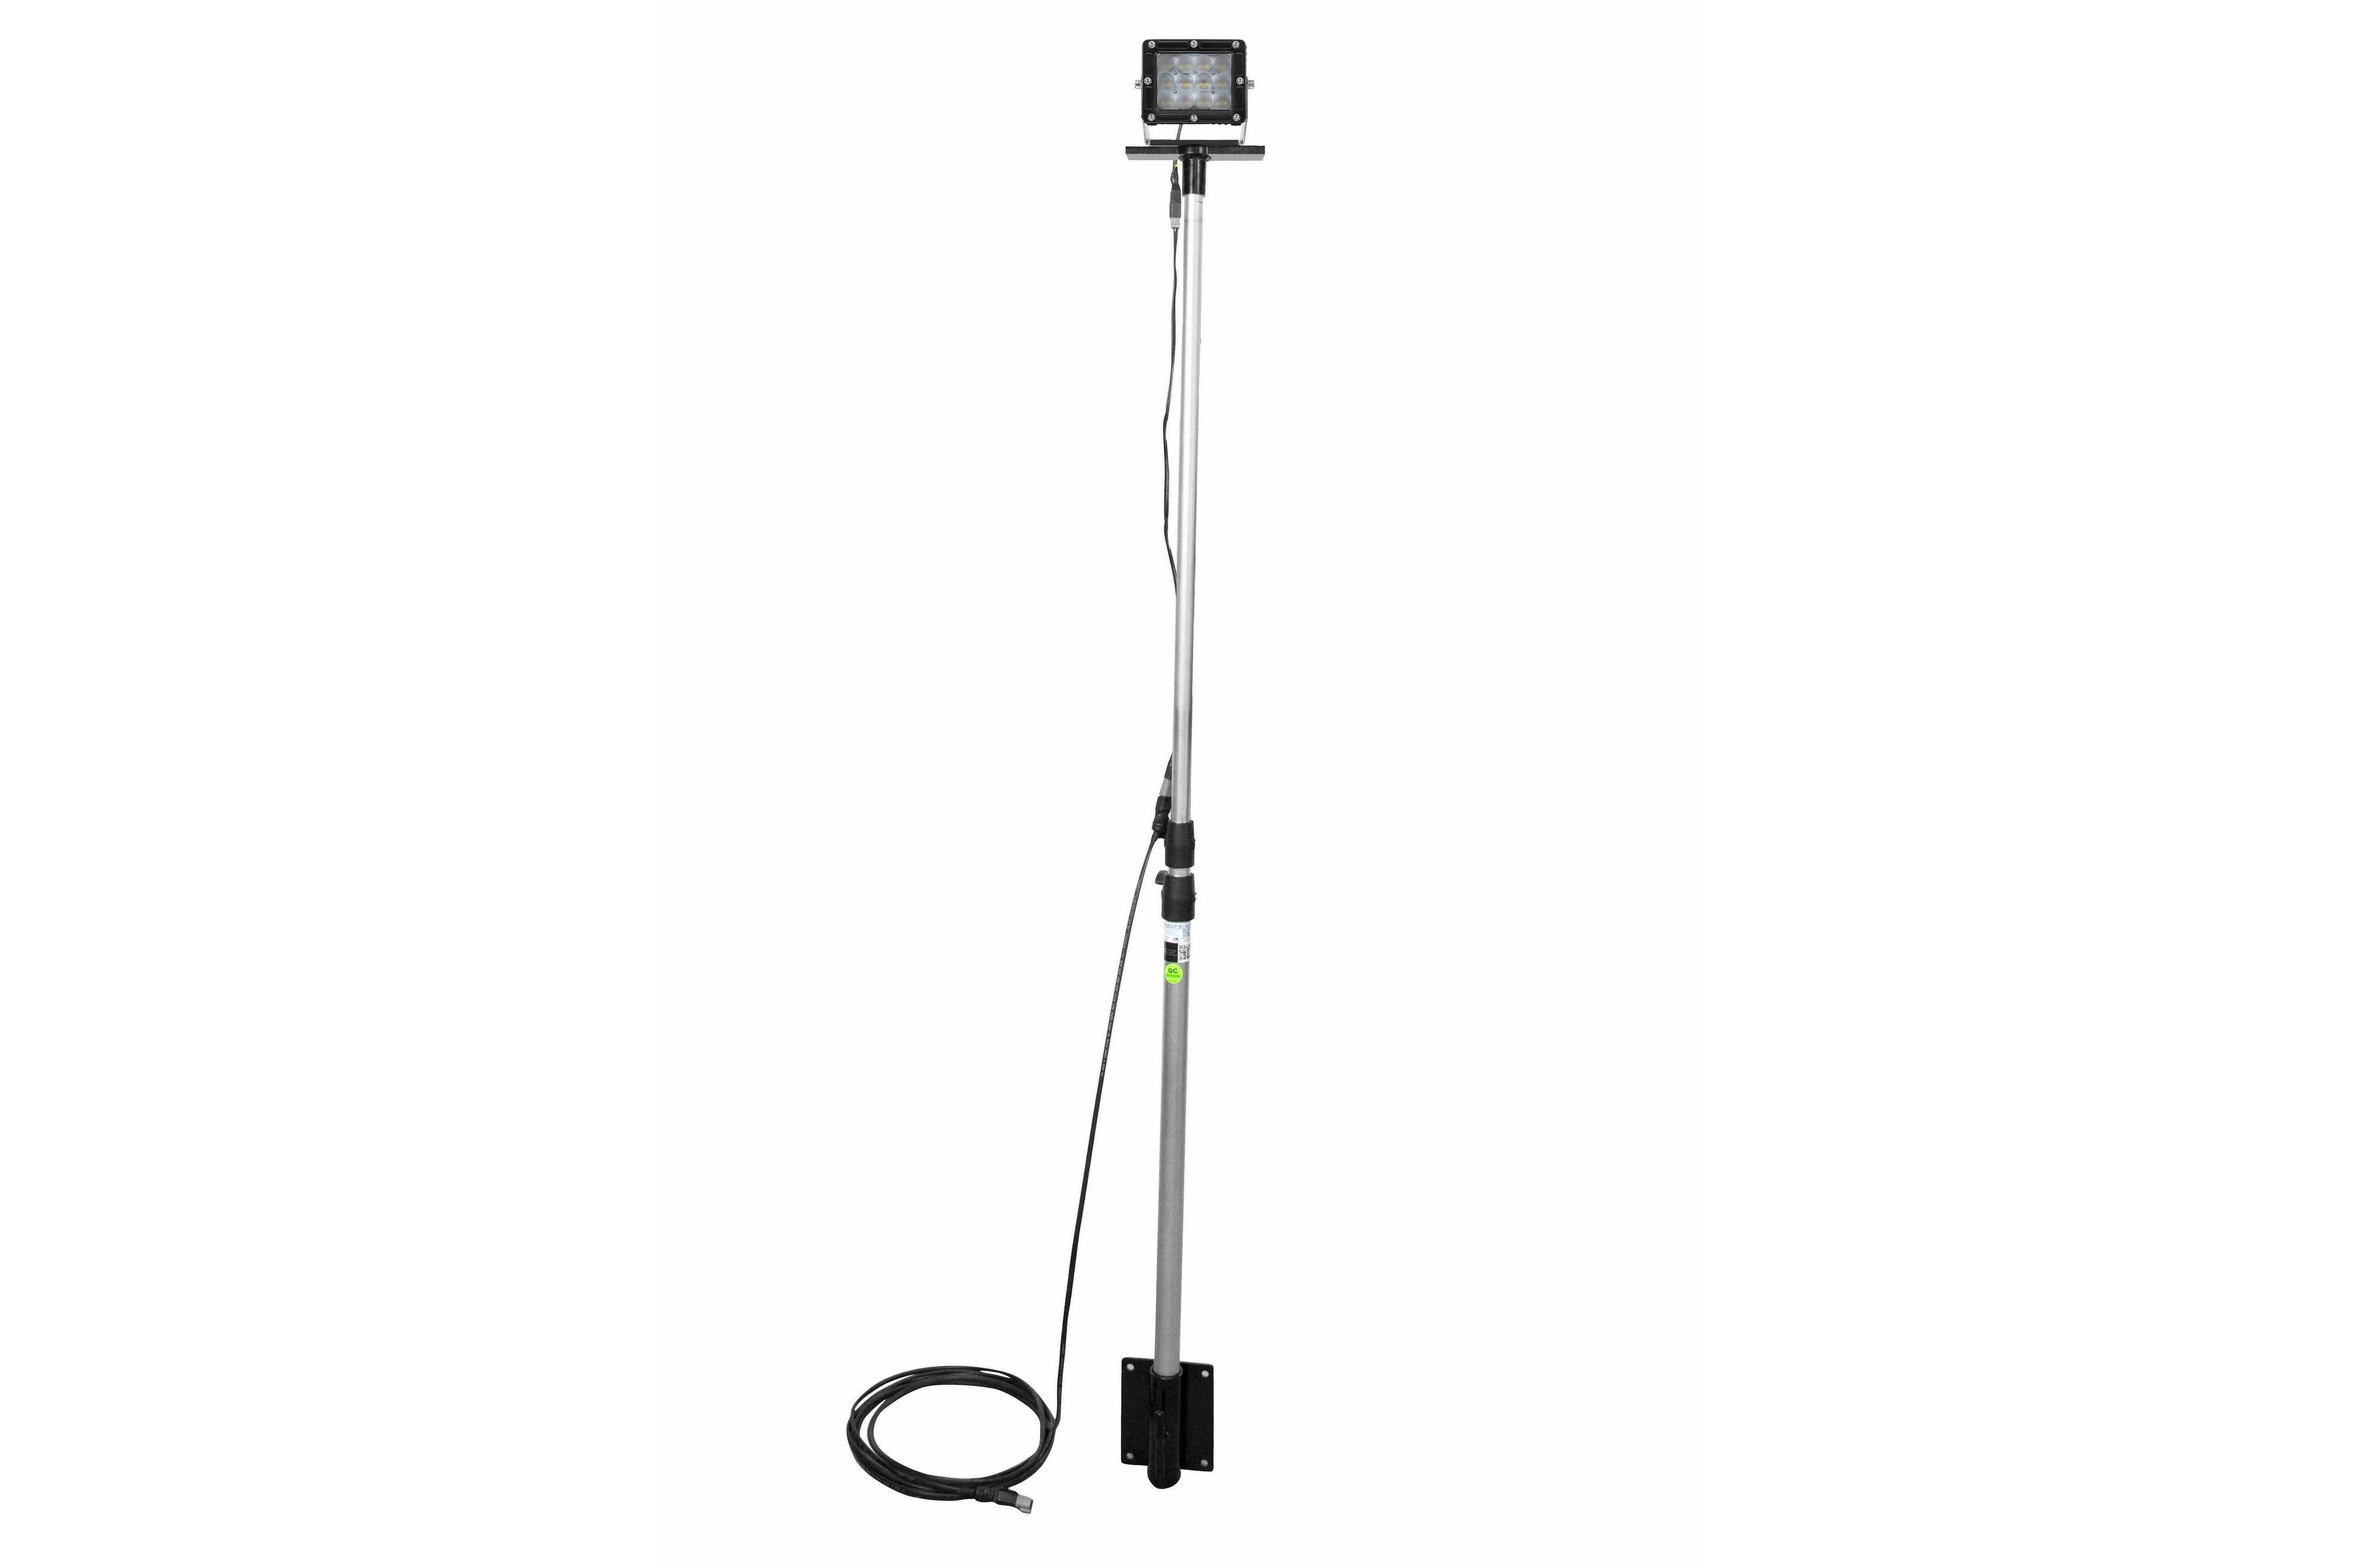 60w Led Pole Light